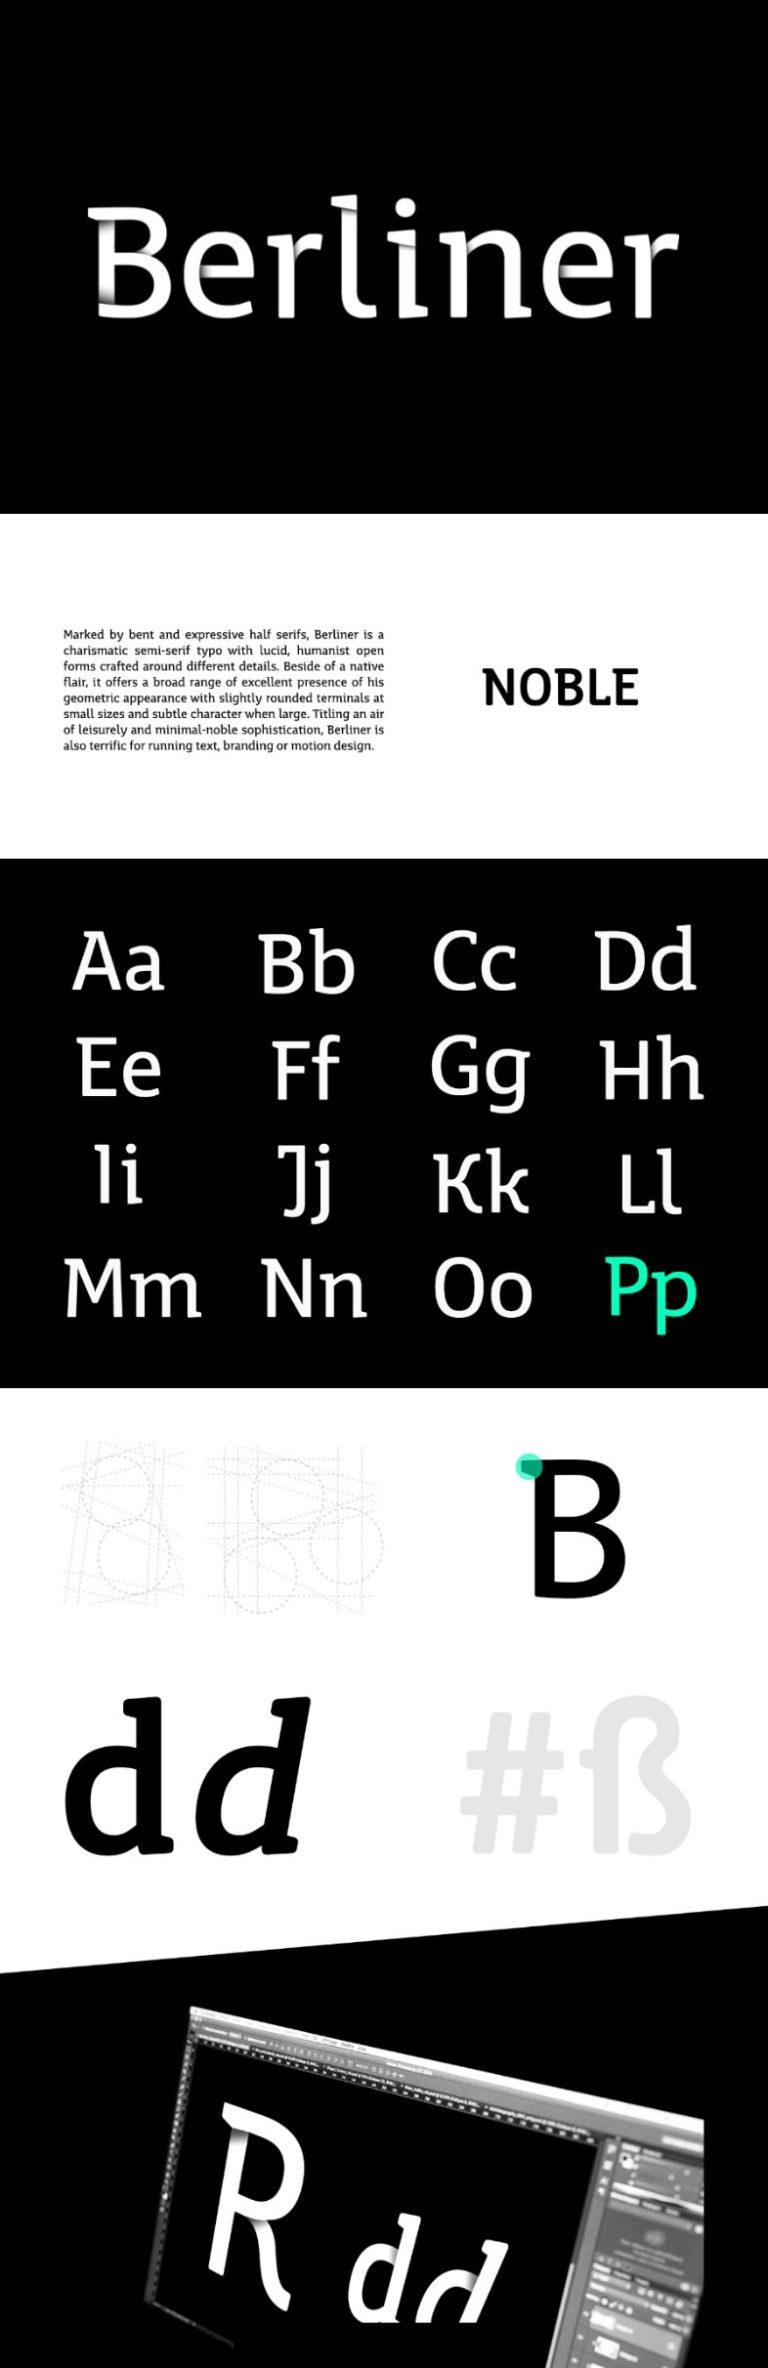 berliner-download-0.jpg download